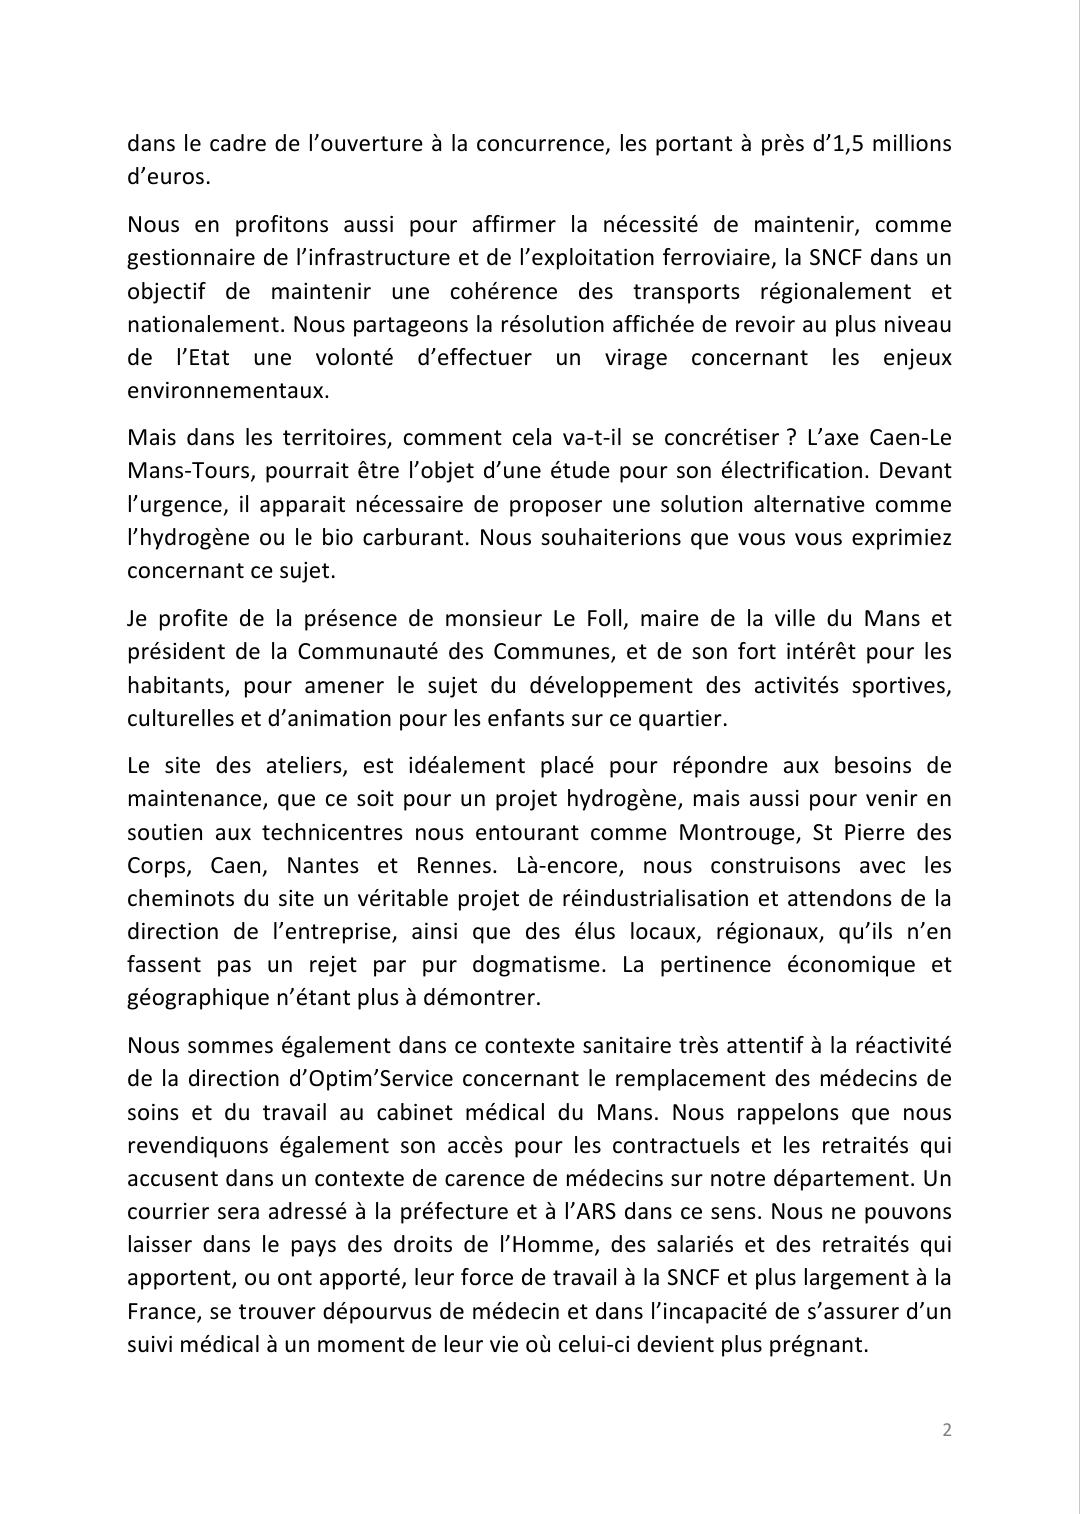 17 Mars 2021 : Rassemblement CGT et interpellation de M. Farandou. Merci aux hospitaliers et cheminots présents (photos et prise de parole)